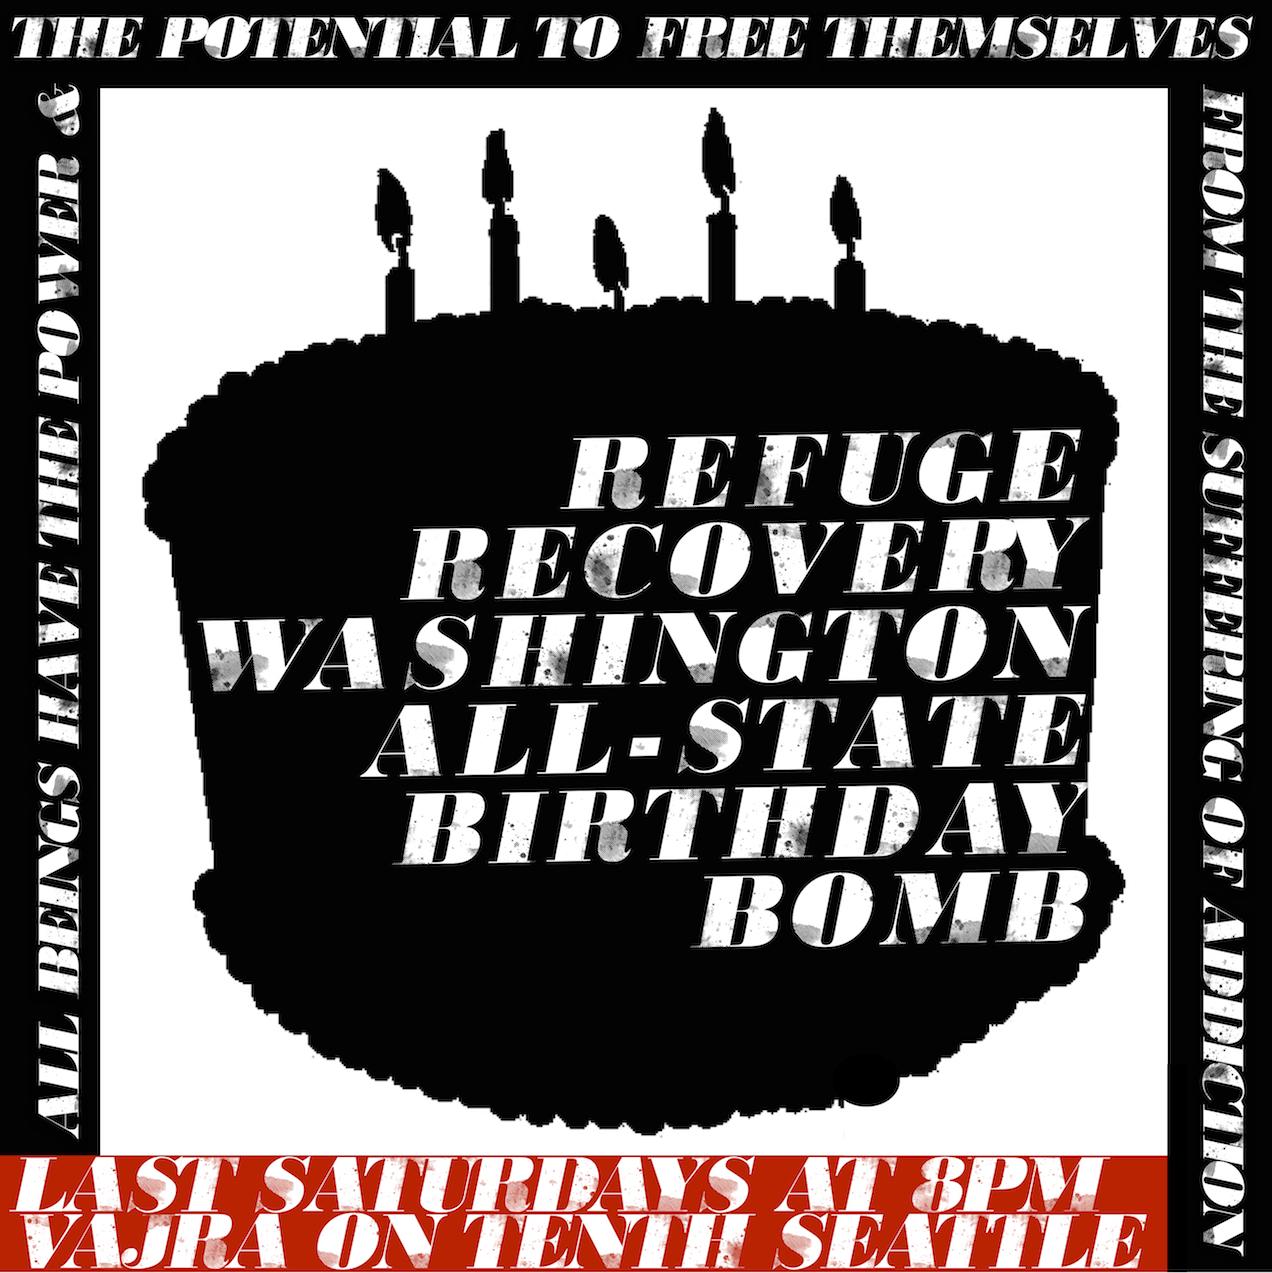 BirthdaybombBlackcakeWEBcopy.jpg